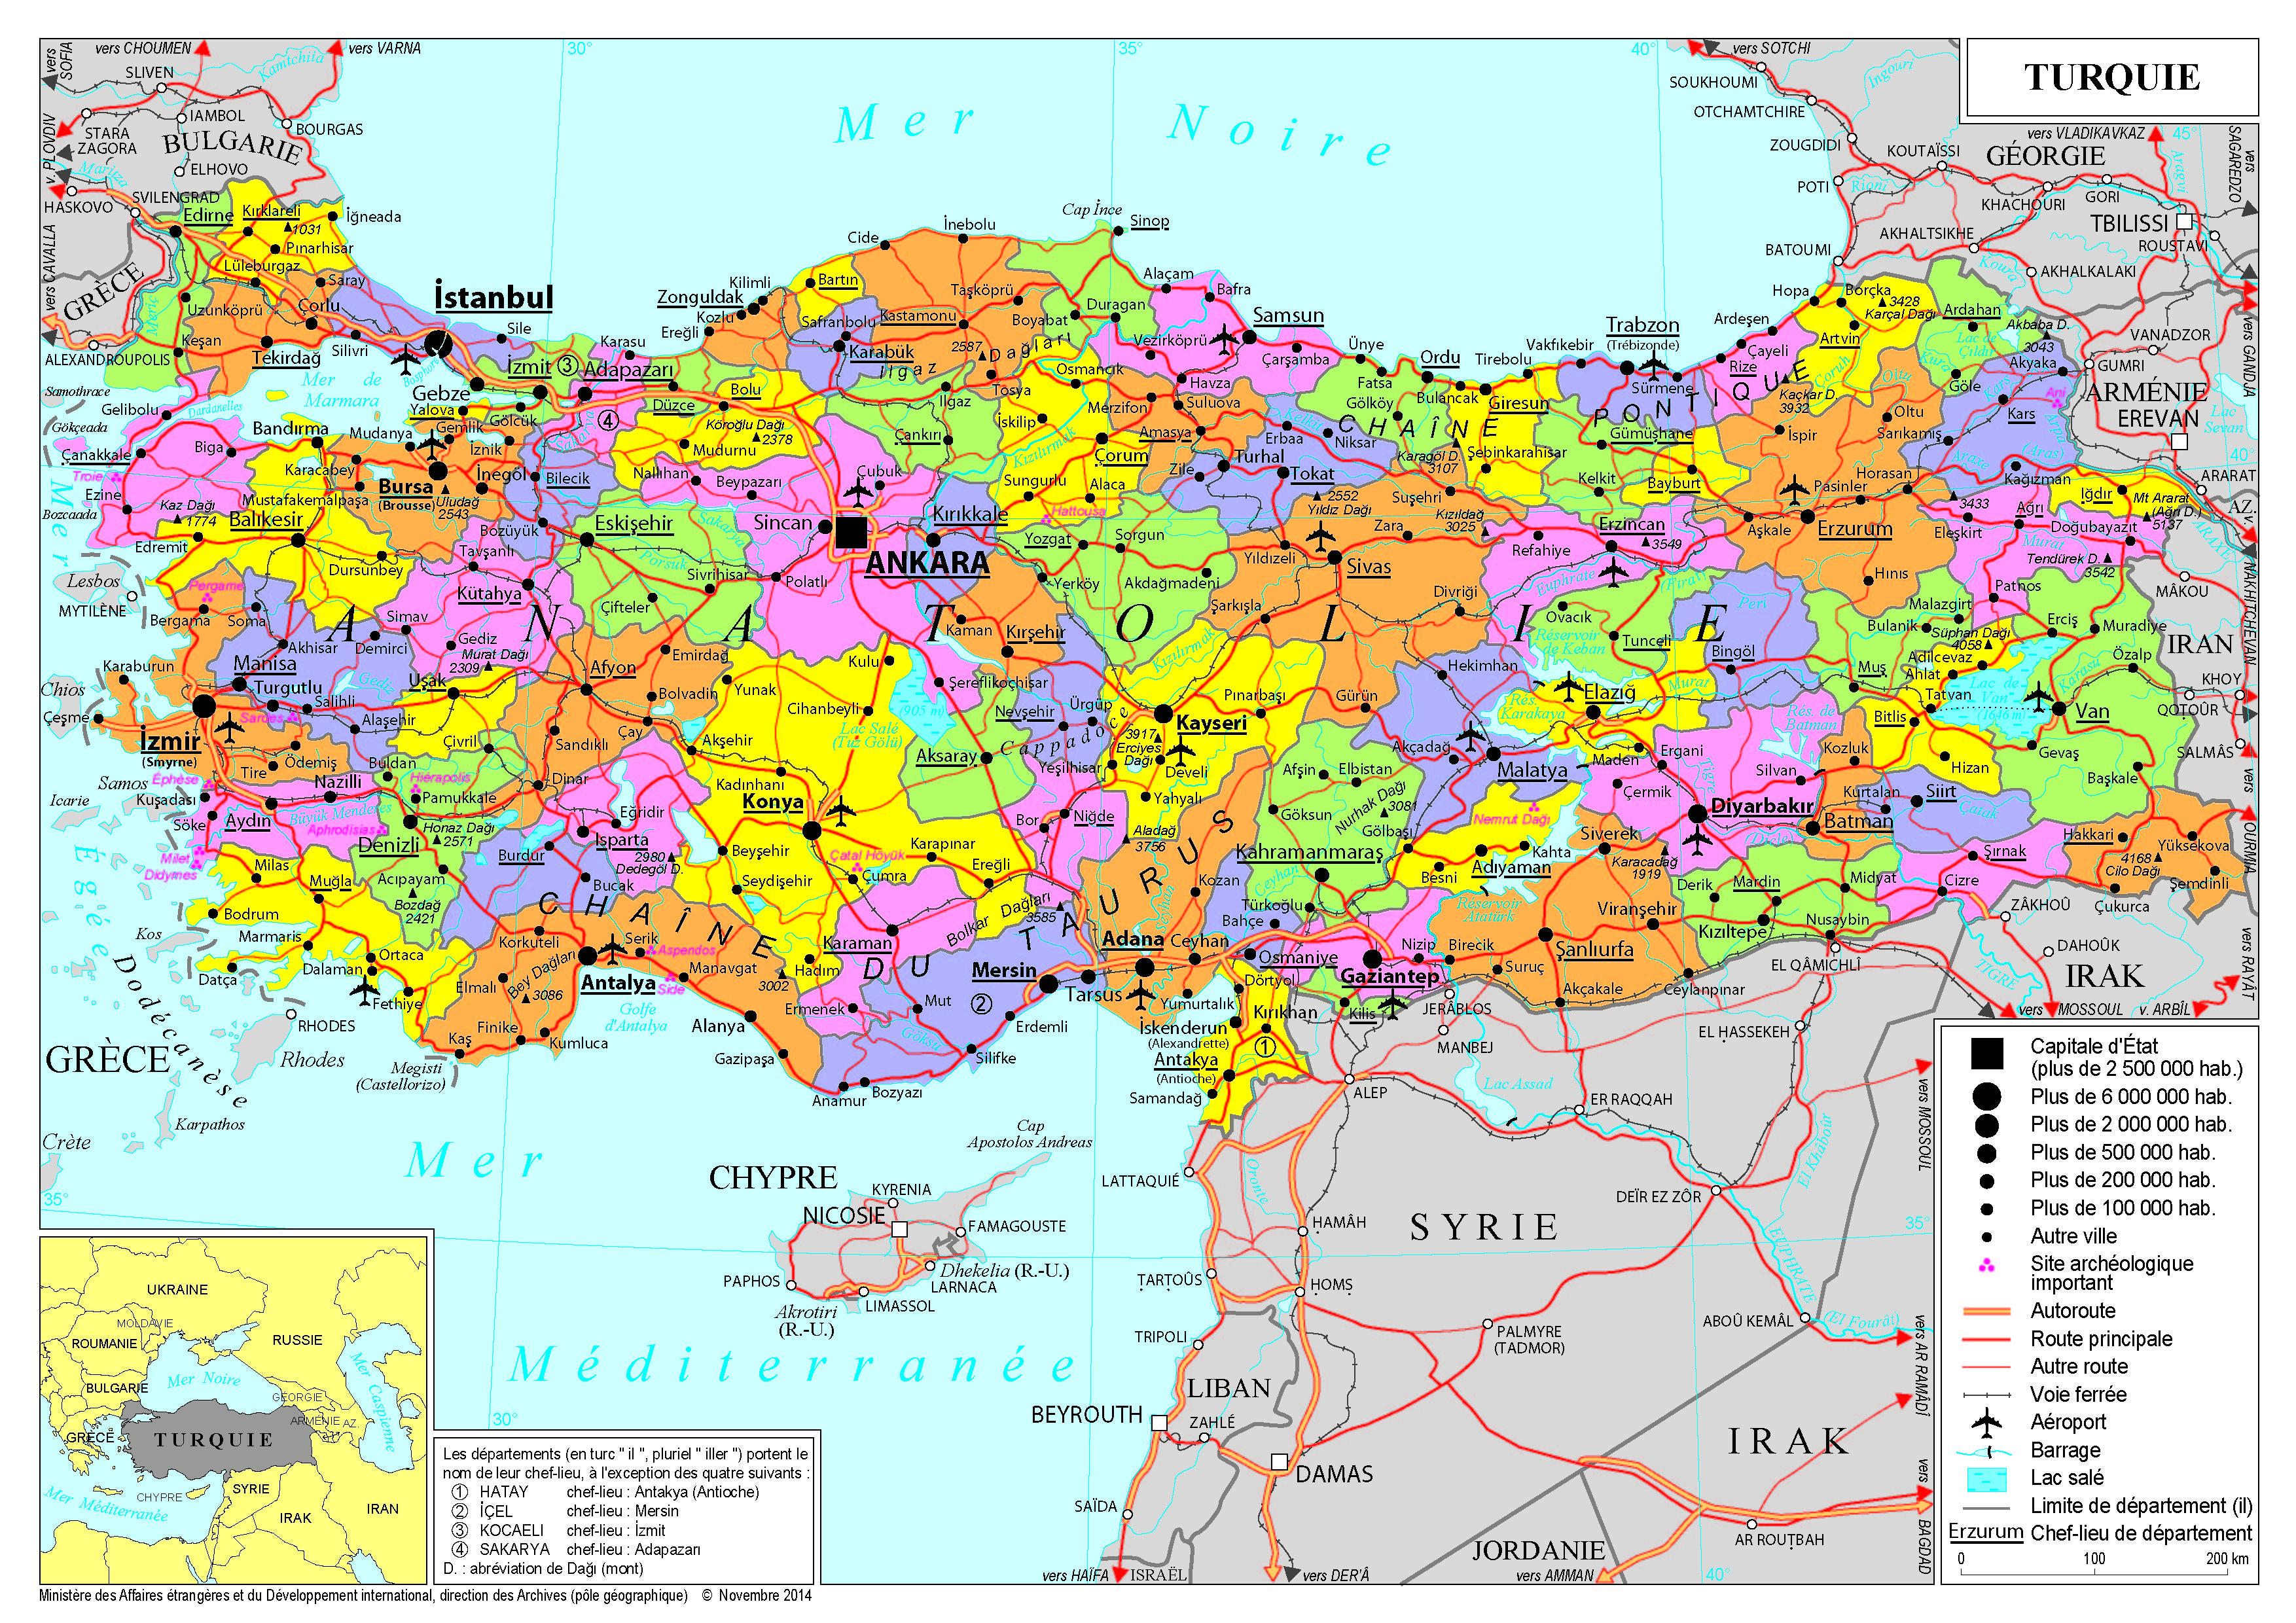 Présentation De La Turquie